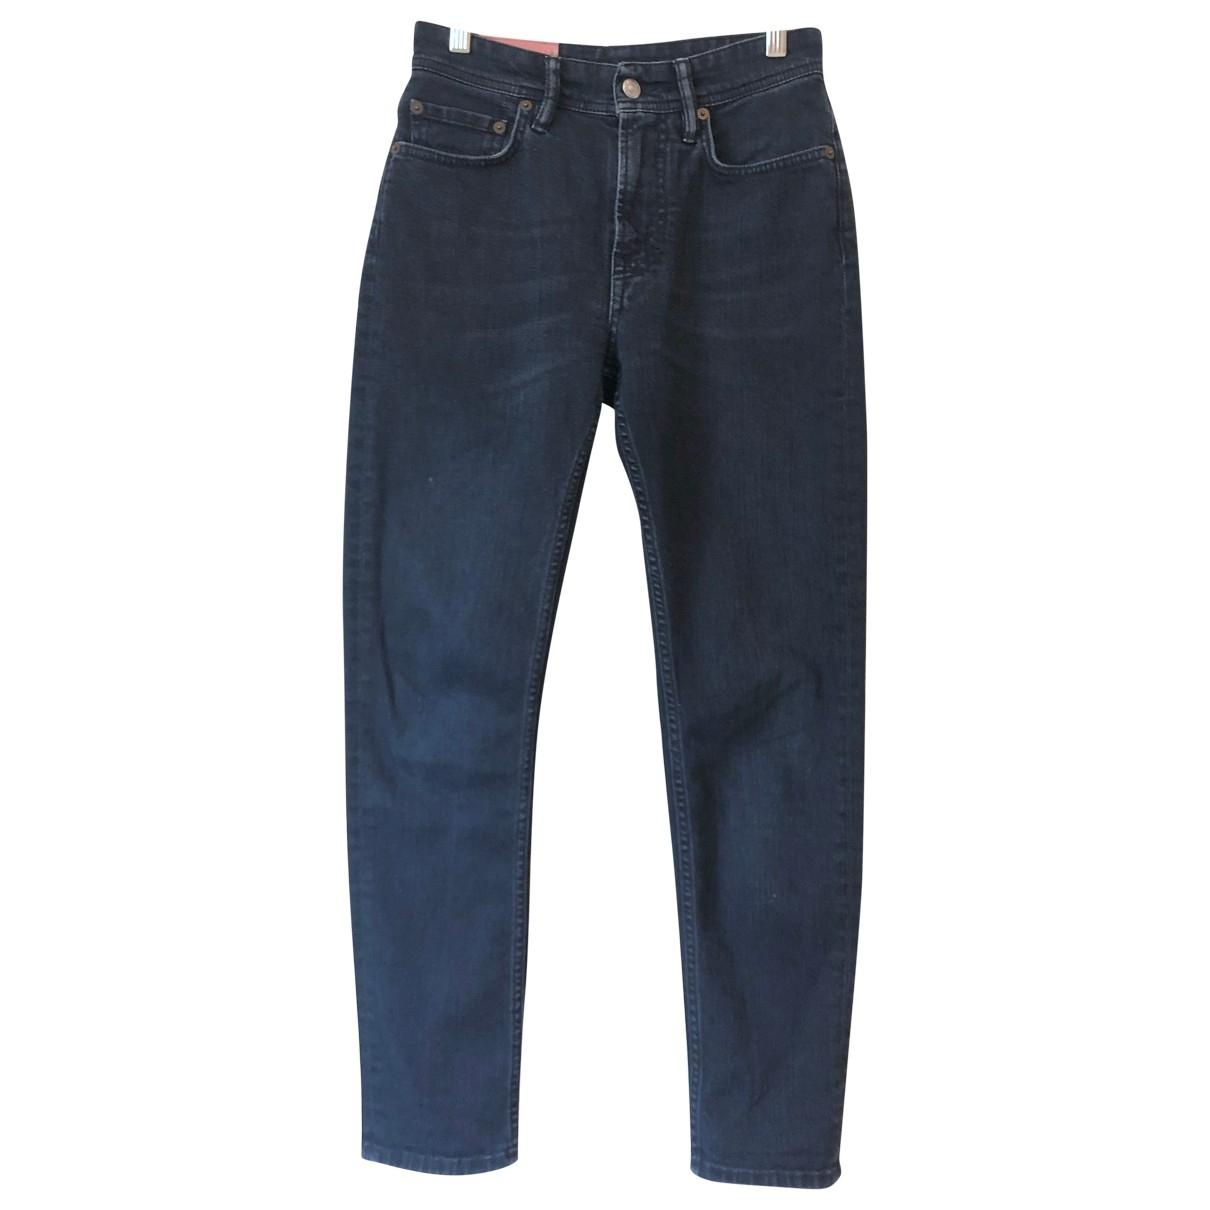 Acne Studios Blå Konst Blue Cotton Jeans for Women 25 US